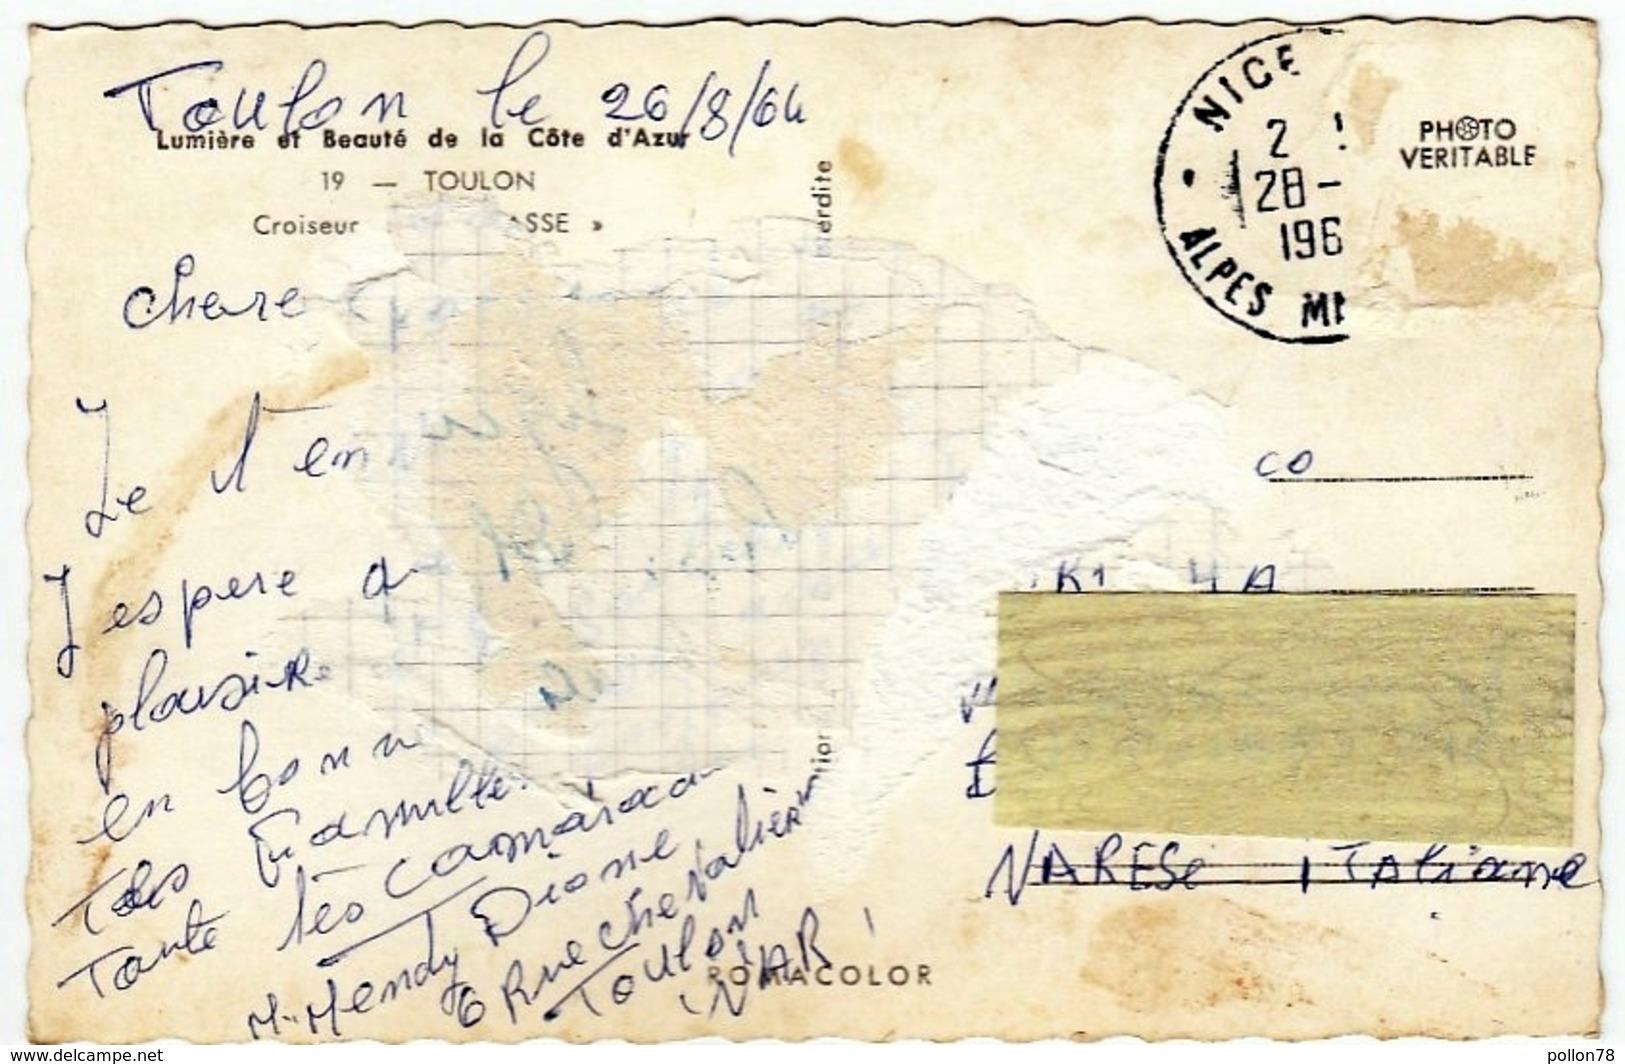 NAVI - INCROCIATORI - CROISEUR DE GRASSE - TOULON - 1964 - Vedi Retro - Formato Piccolo - Guerra